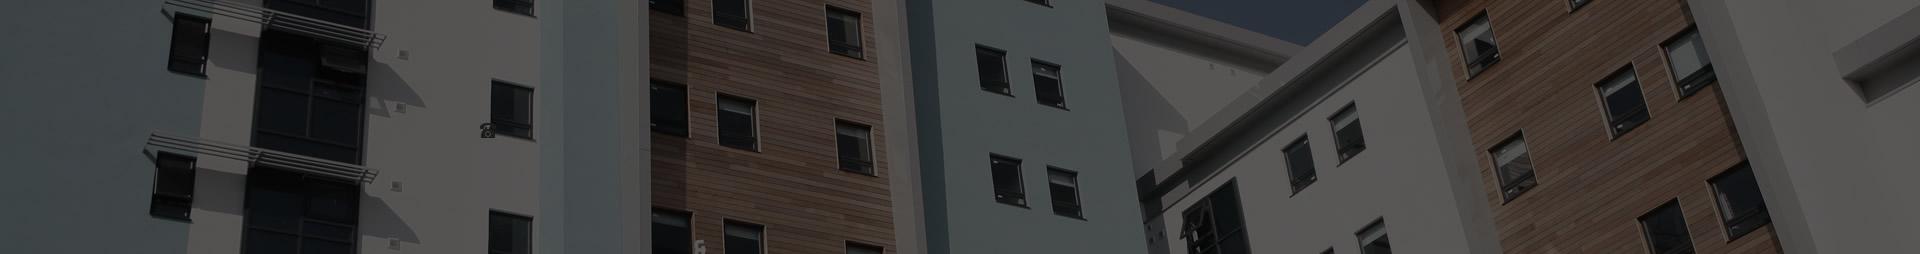 Studio Baia - amministrazioni condominiali, consulenze ...